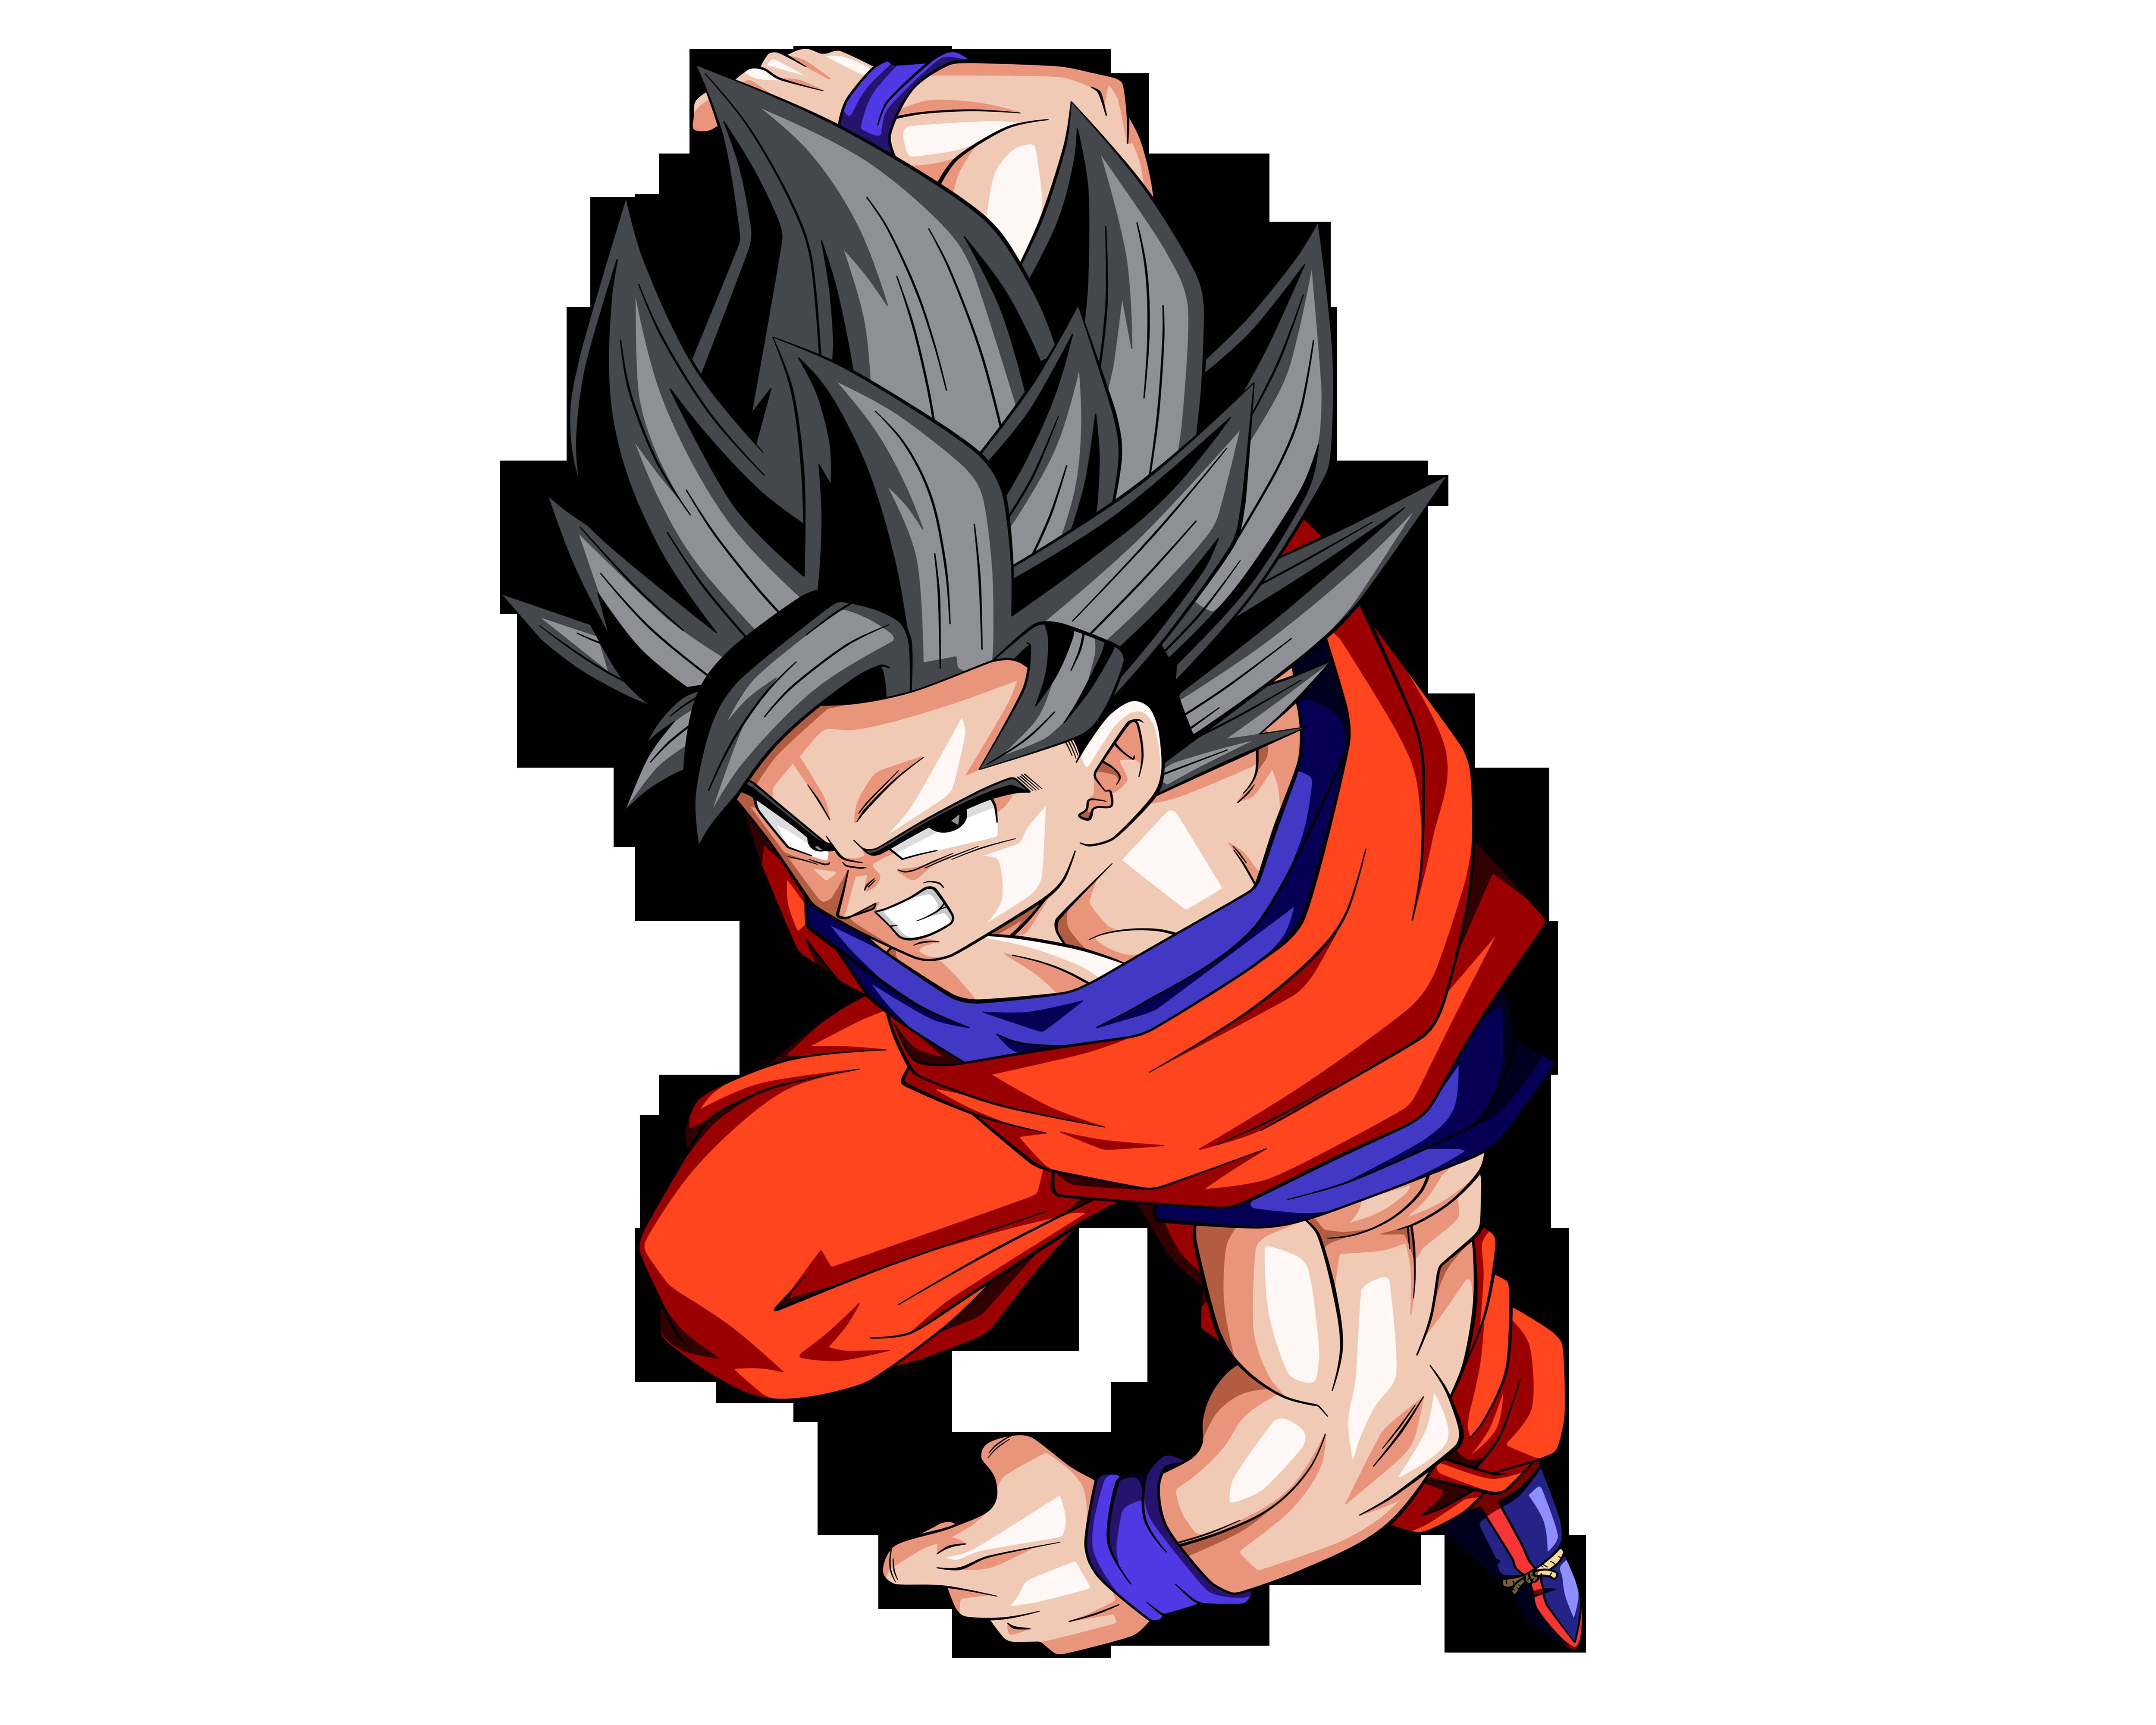 Goku 4k Ultra Hd Papel De Parede And Planos De Fundo